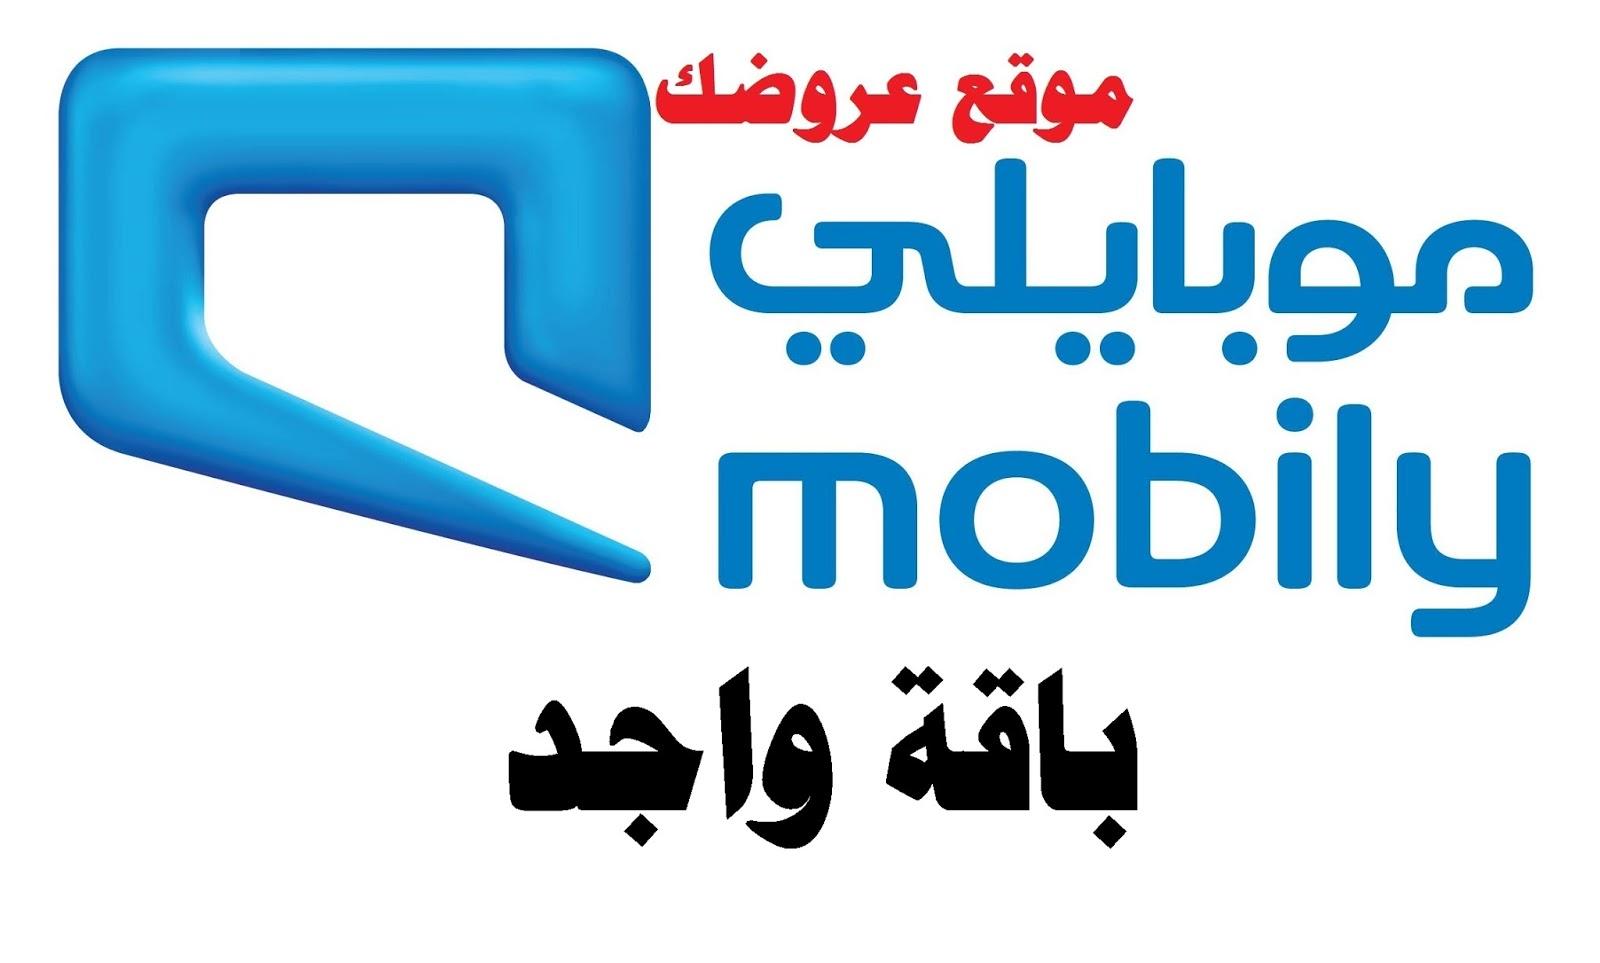 شرح الإشتراك في باقة واجد سمارت من موبايلي 2018